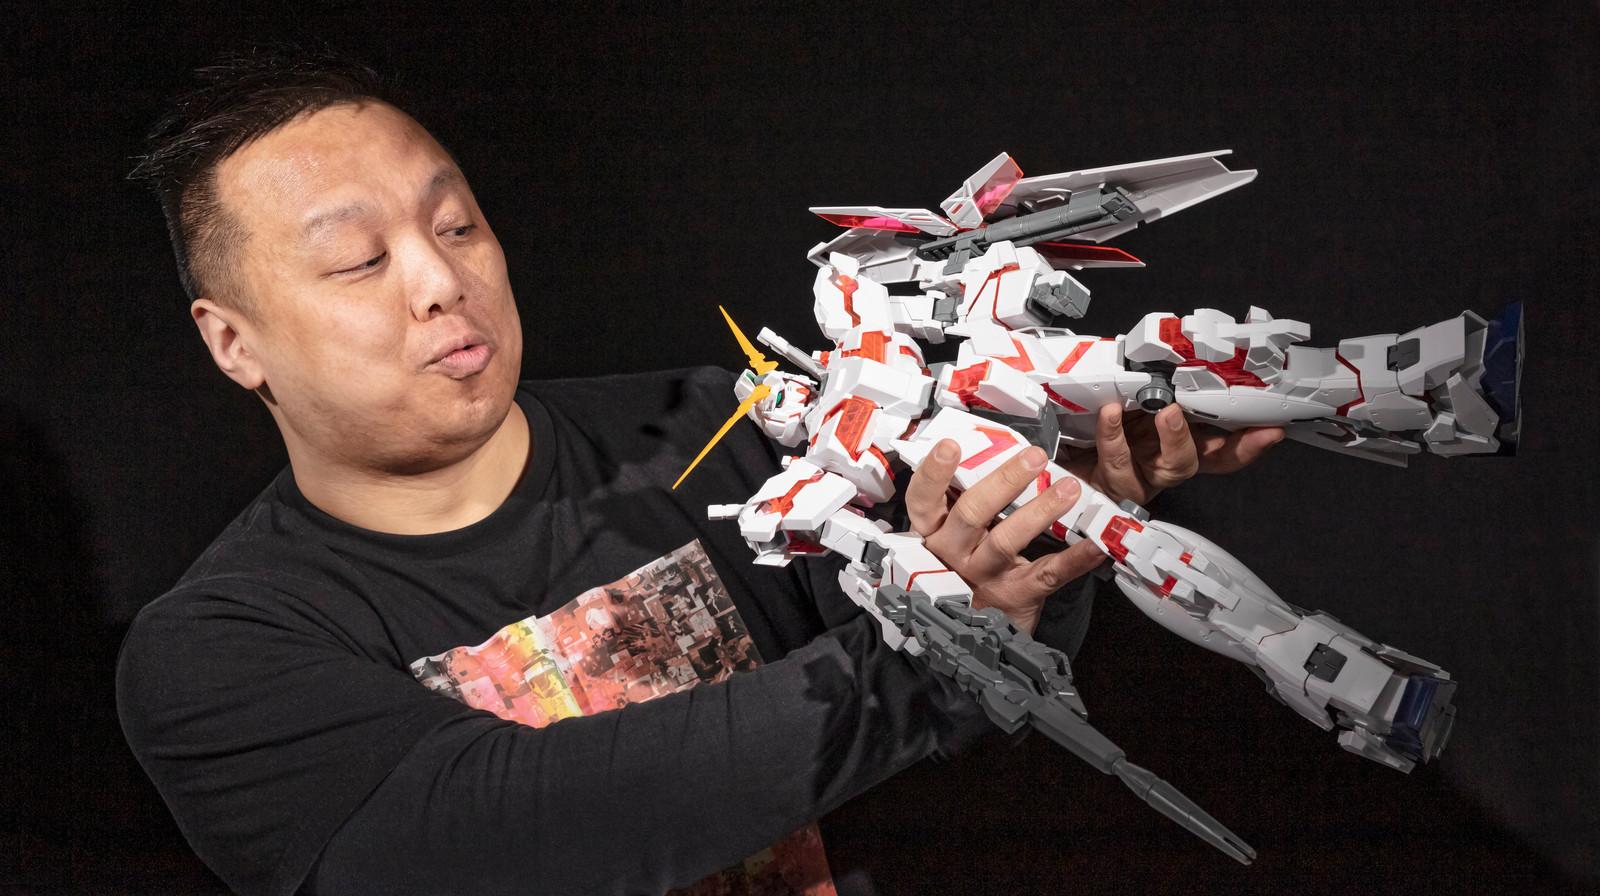 Siu Ming Liu met de nieuwste Gunpla-robot. ,,Ik heb robots altijd al leuk gevonden. Ik ben ermee opgegroeid.''